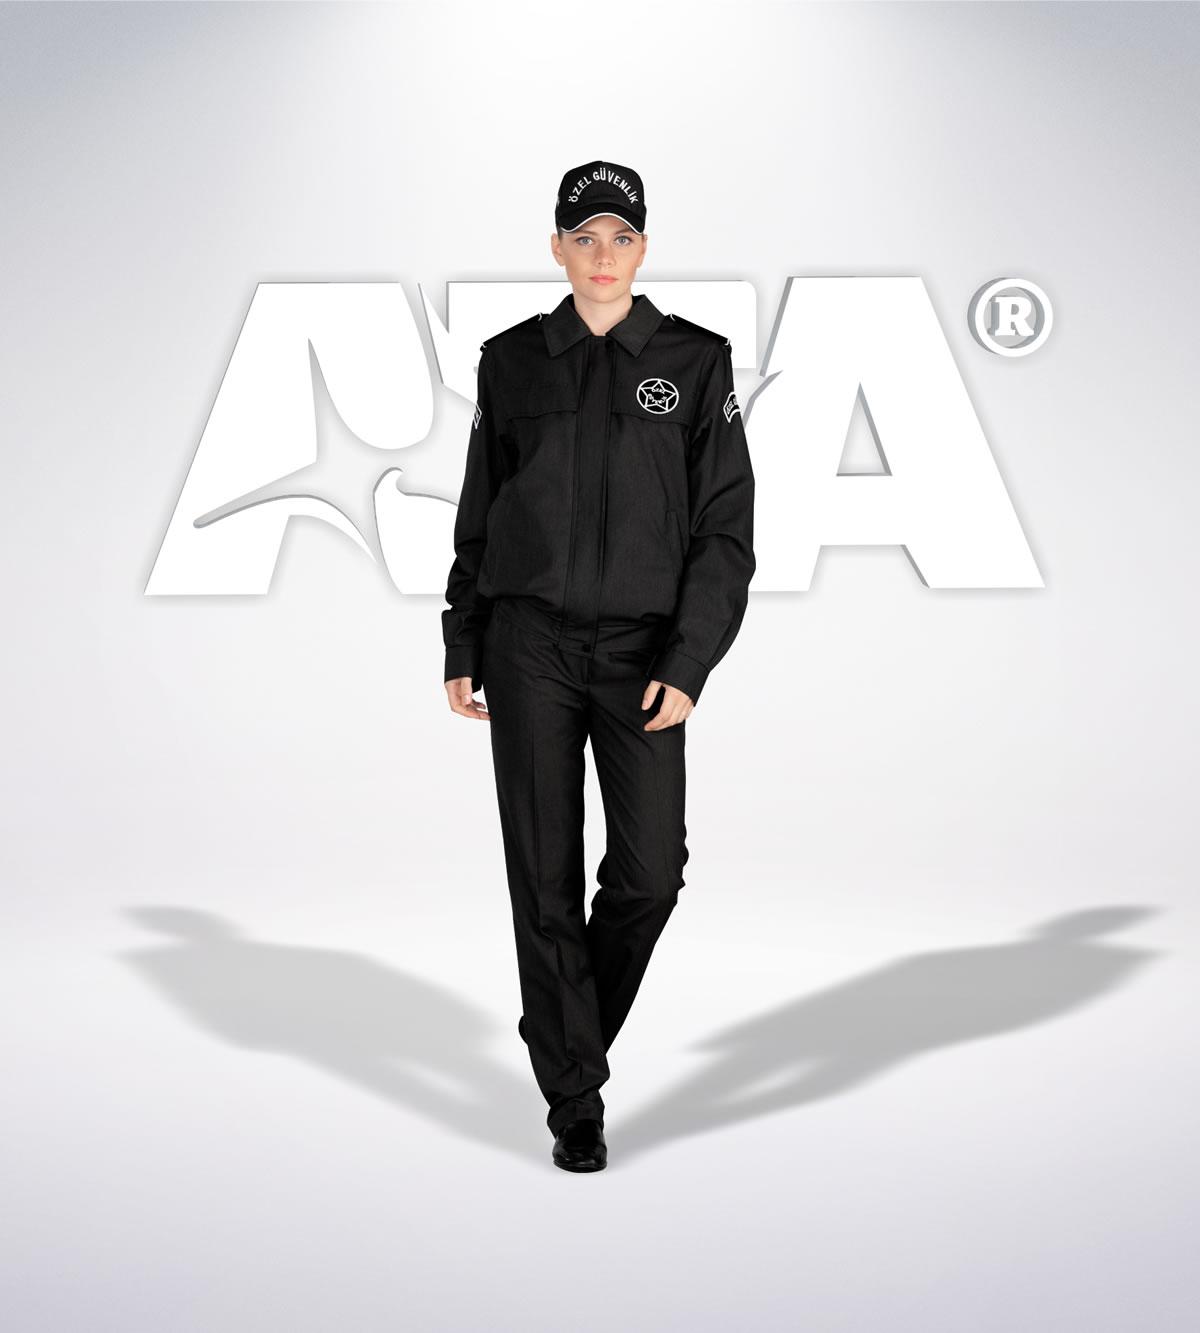 ATA 162 - ön - Pantolon kışlık - mont - aksesuar reflektör - güvenlik elbiseleri | güvenlik üniformaları | güvenlik kıyafetleri